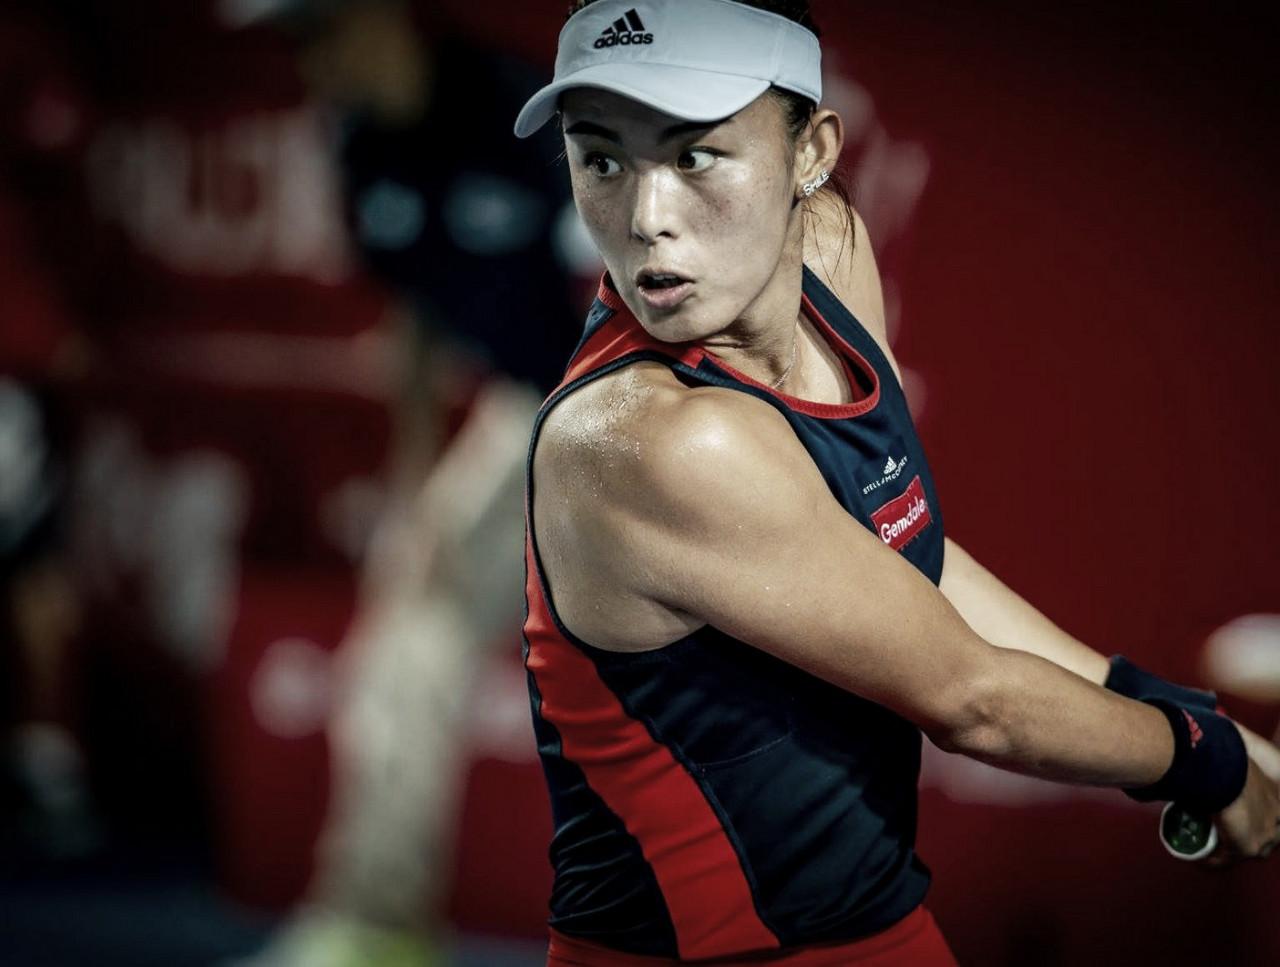 Vai ter que esperar: a um game da vitória, Wang tem partida contra Svitolina adiada pela chuva